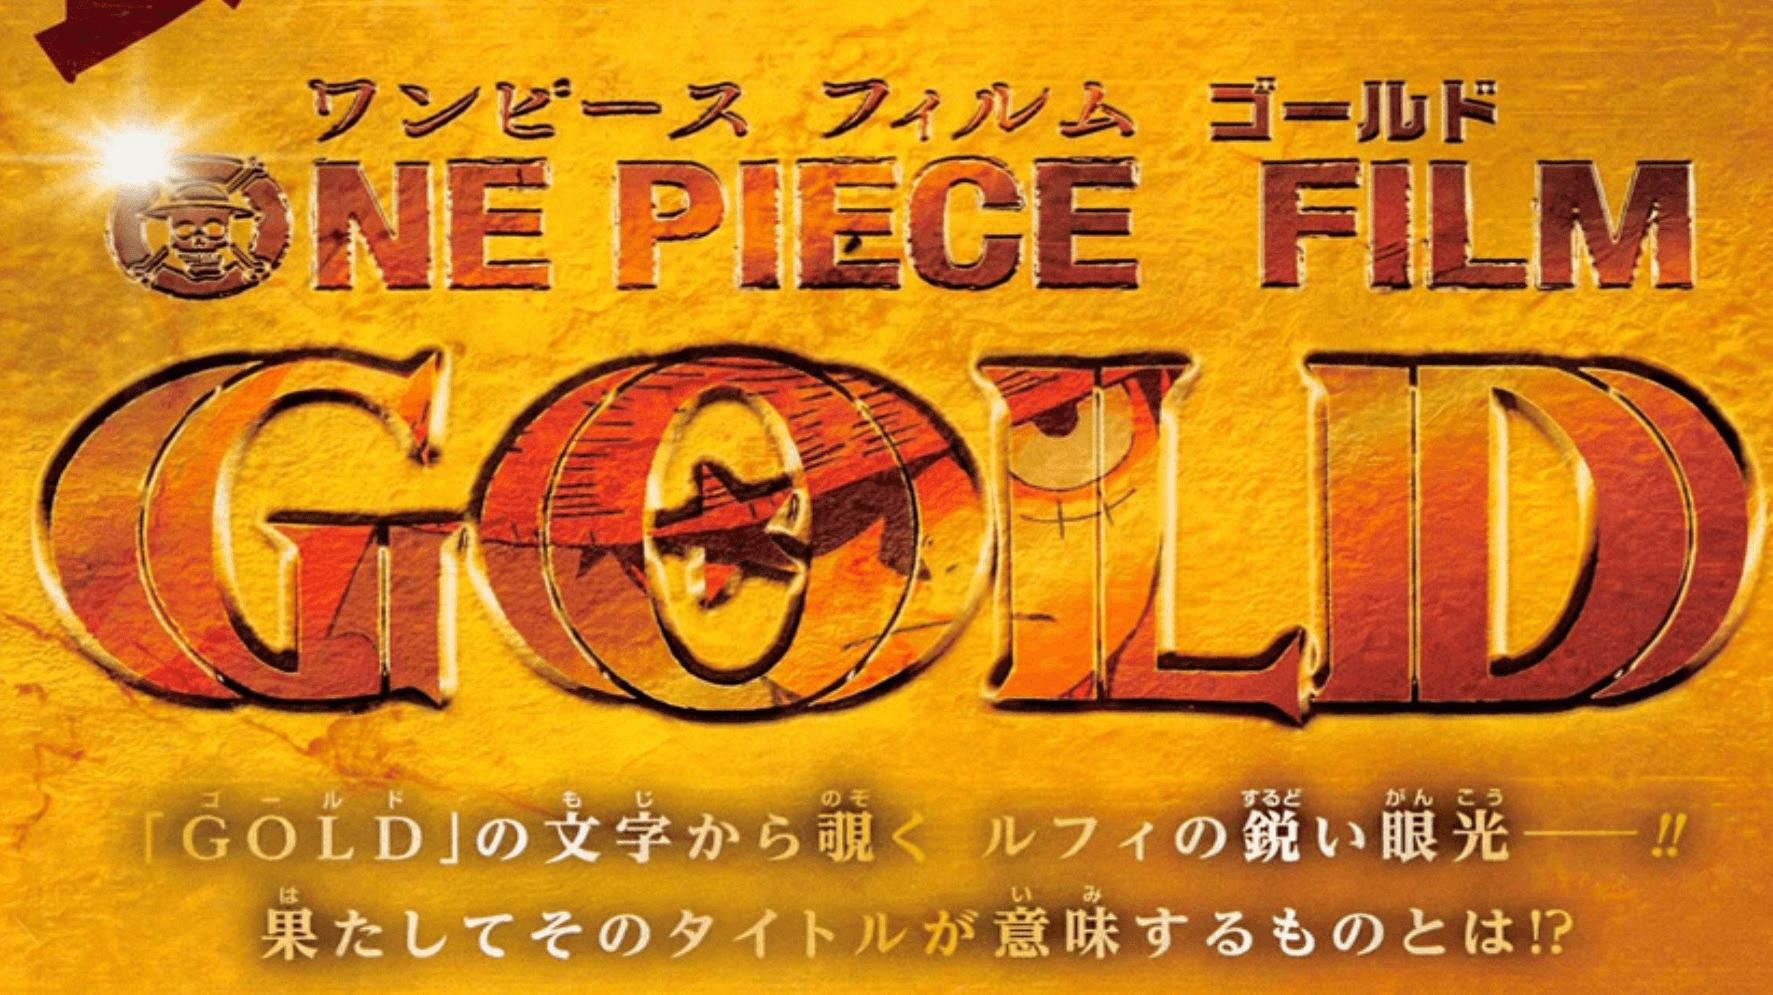 one-piece-film-gold-novo-filme-da-franquia